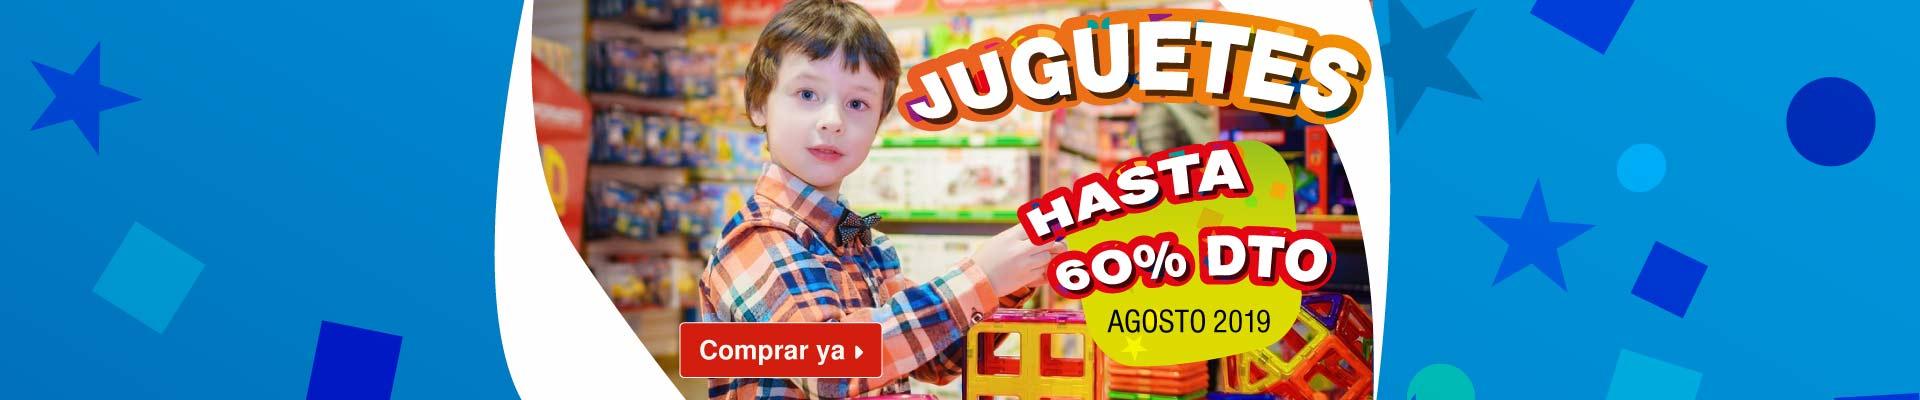 AK-JUGUETES-GENERAL-HIPER-1-JUL27